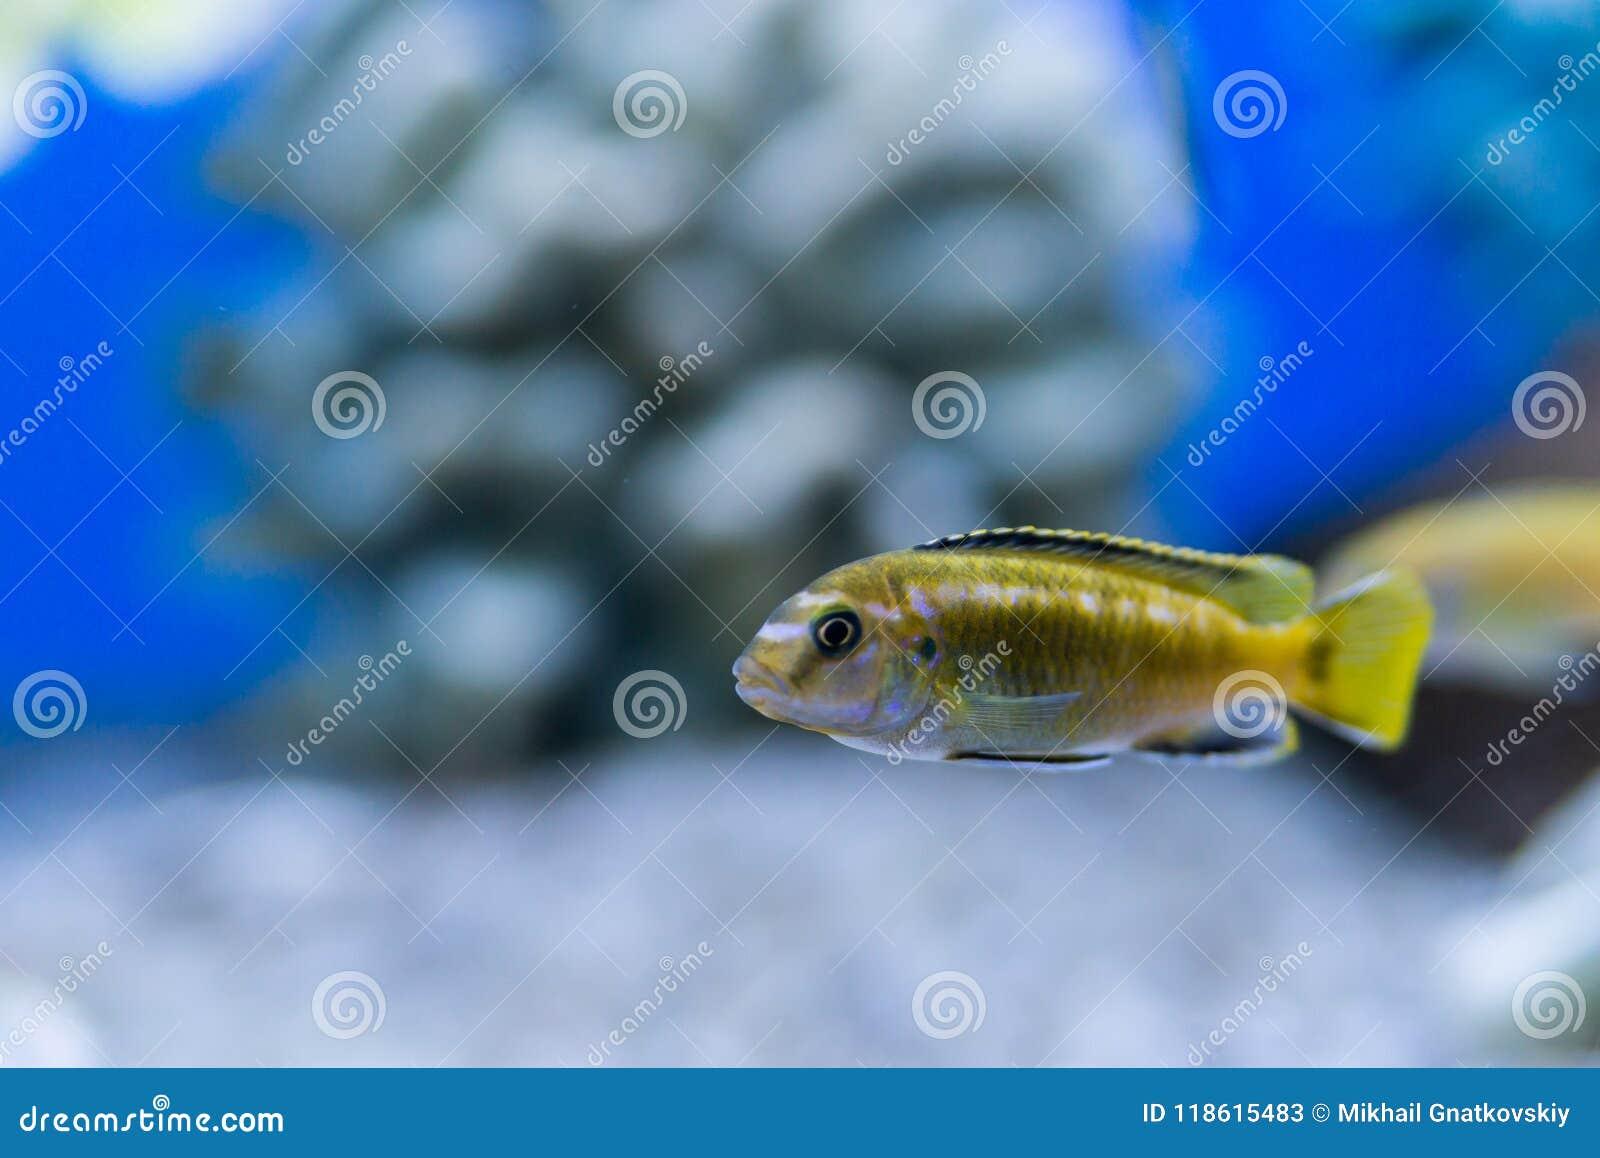 Auratus Cichlid Melanochromis Auratus Golden Mbuna Aquarium Fish